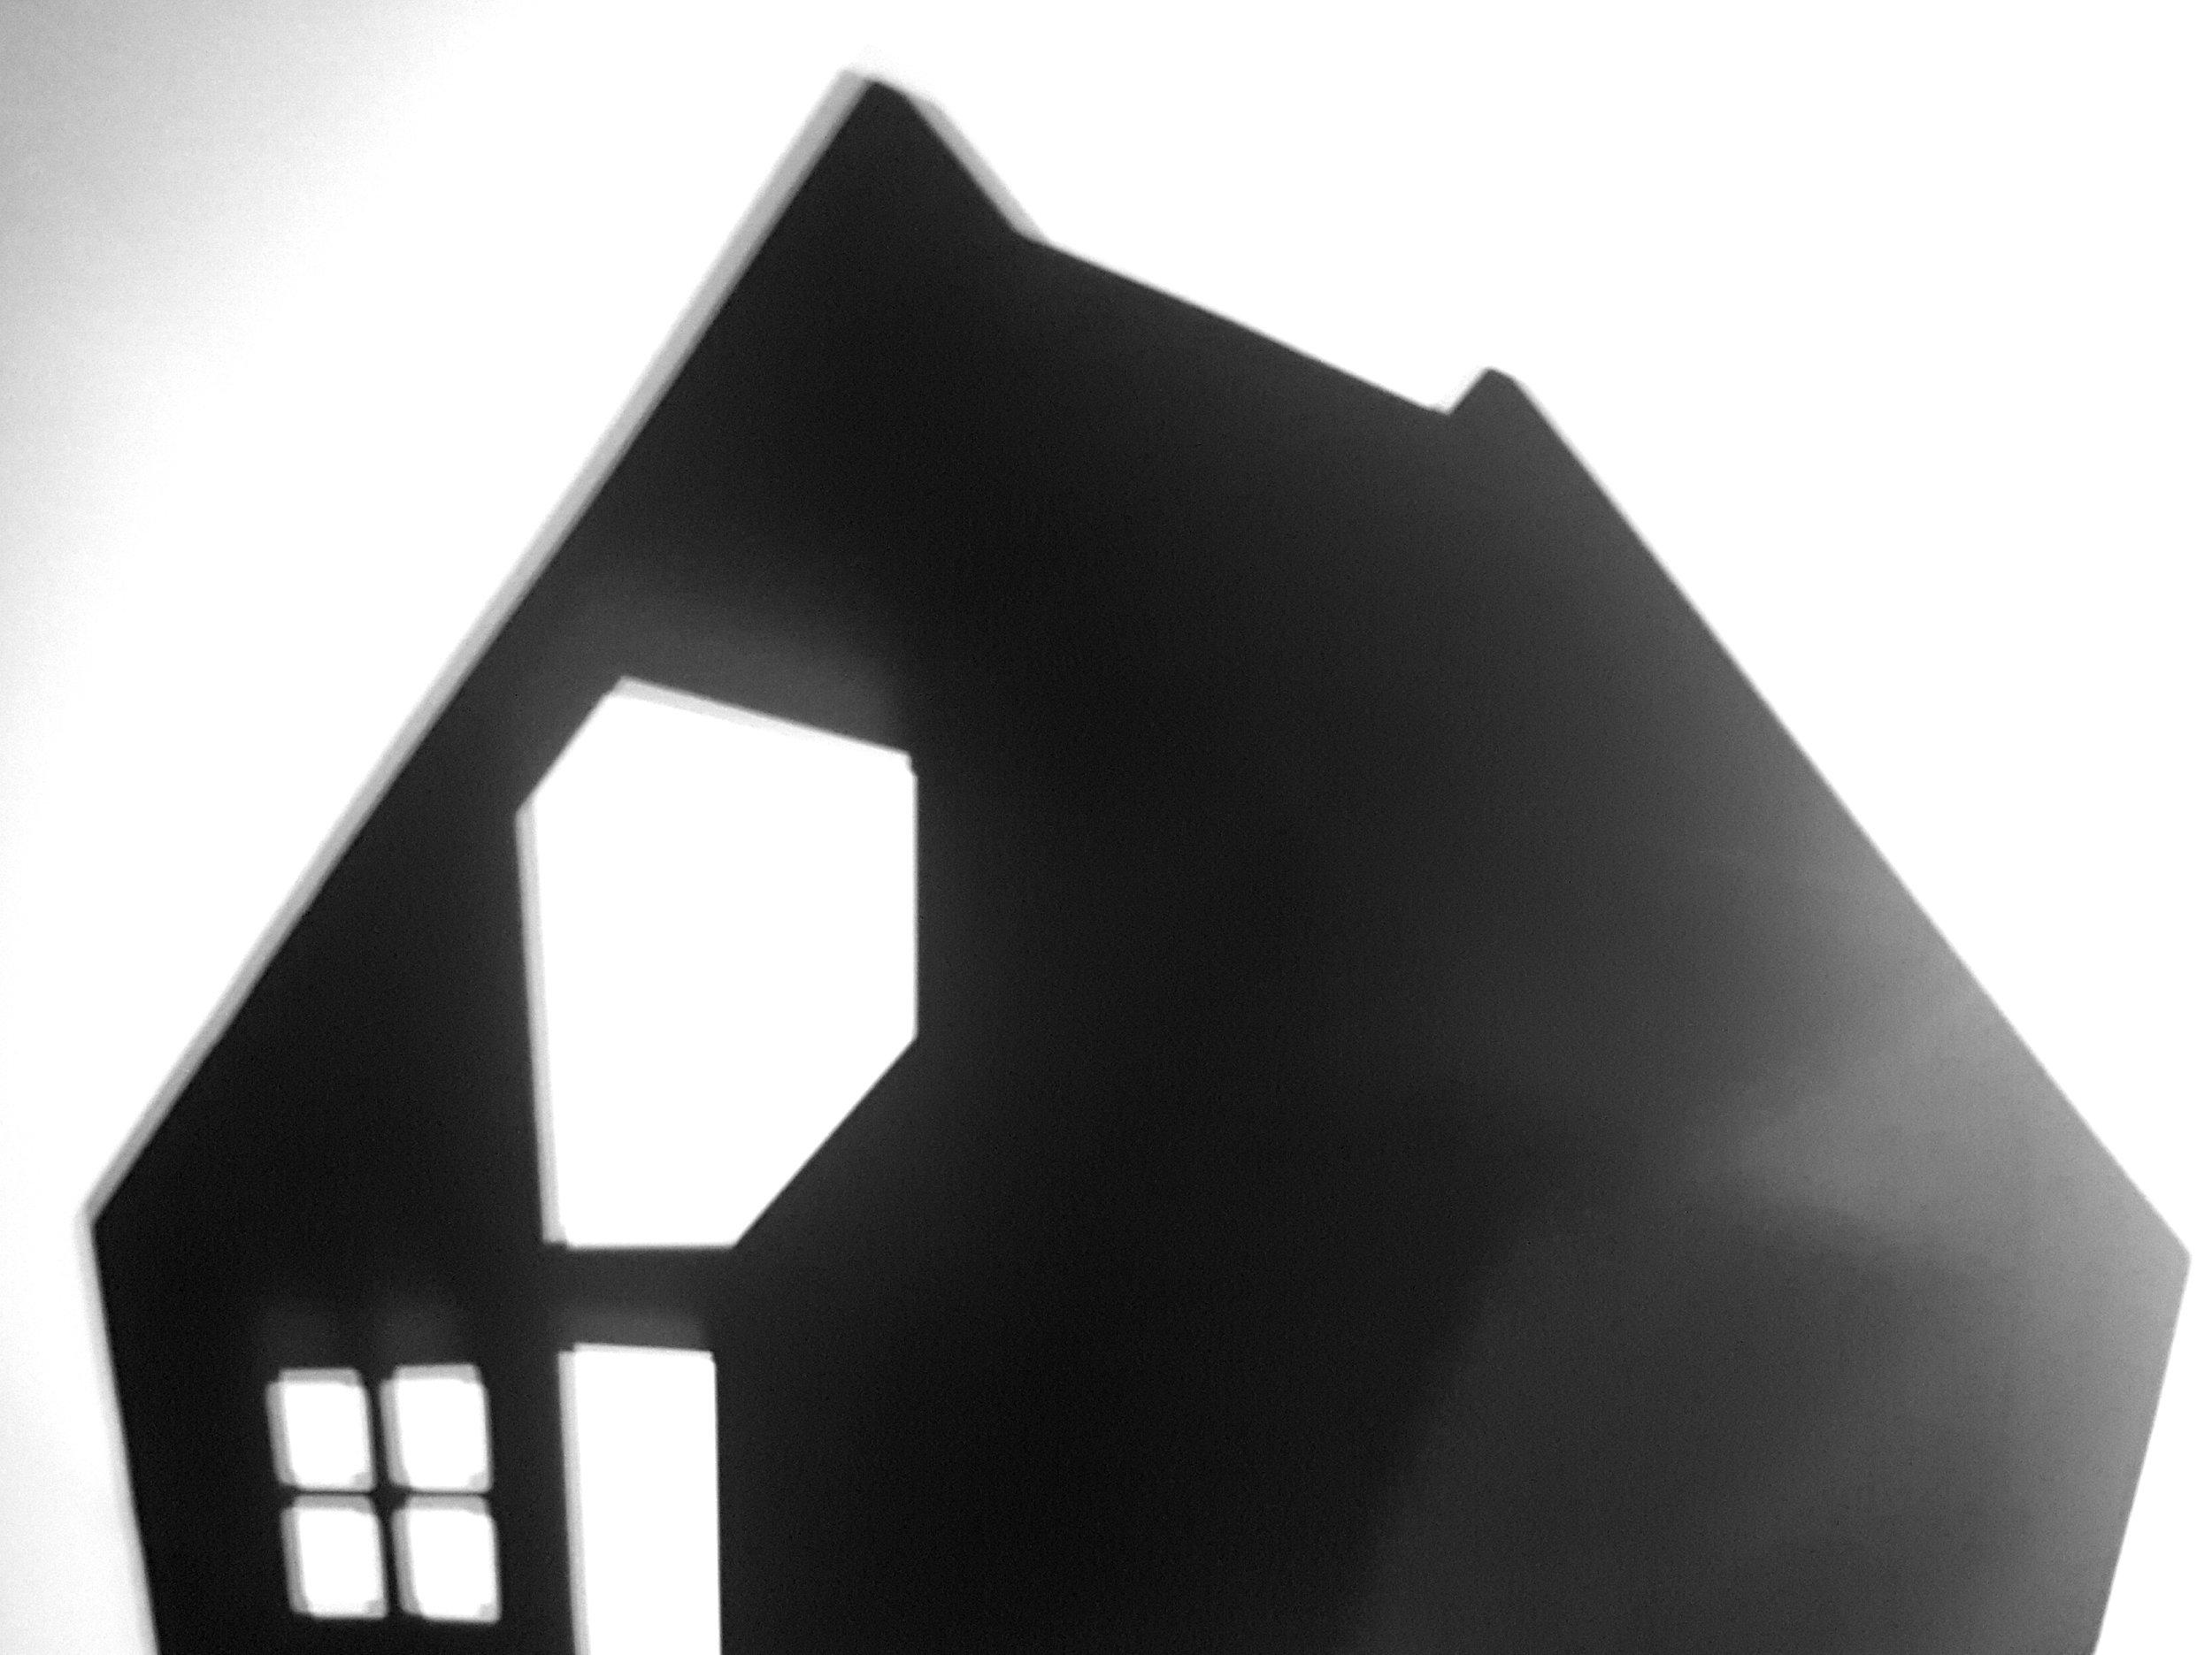 Infinite House - September 7 - September 30